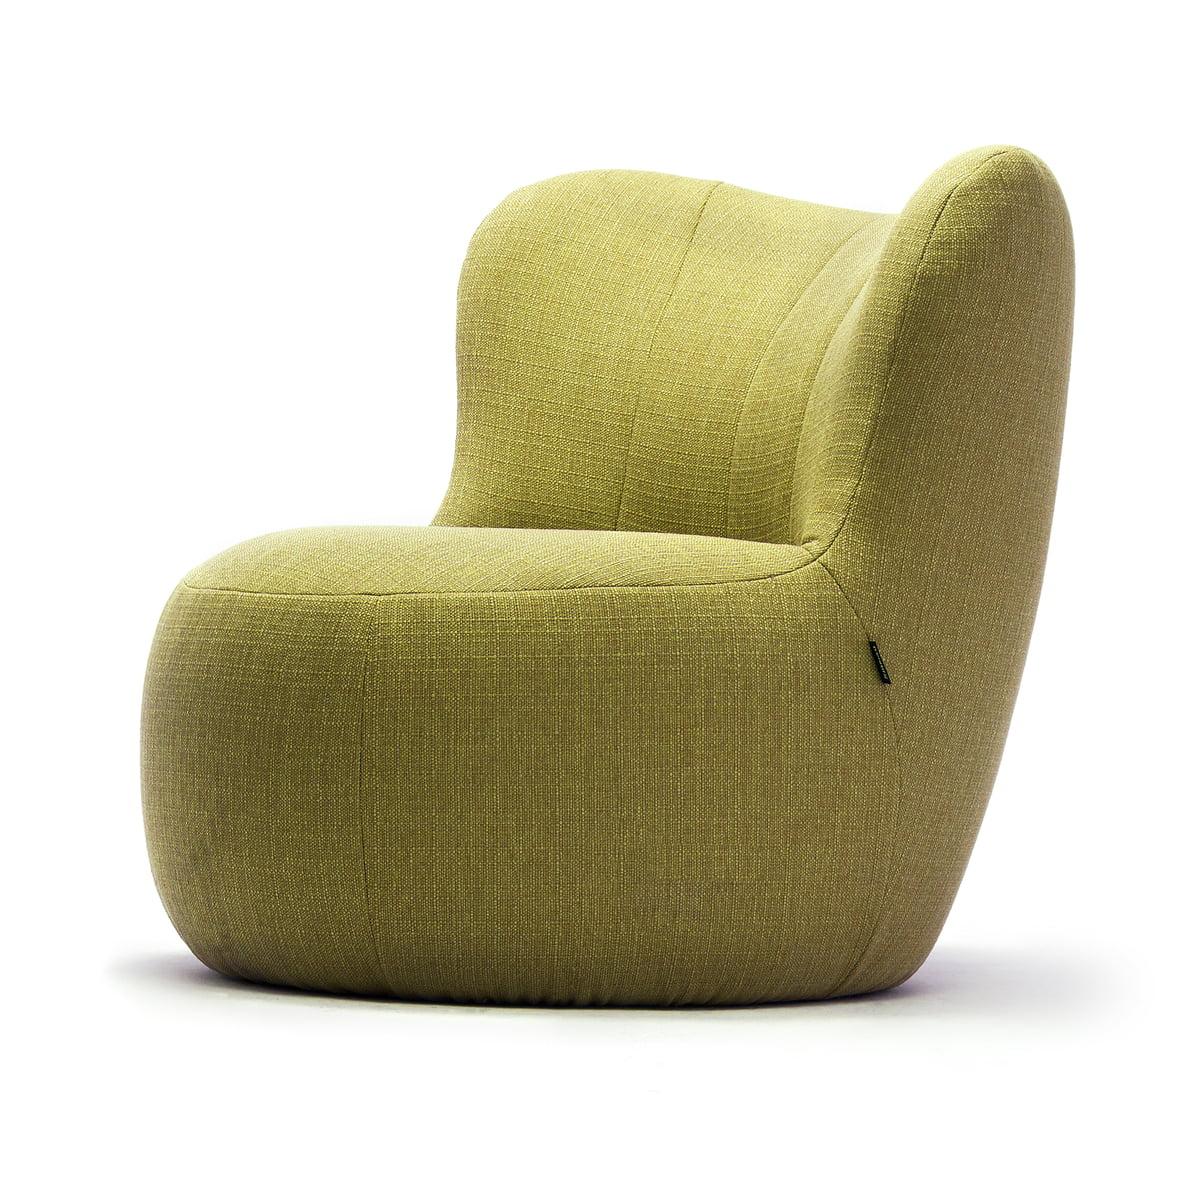 [Connox] shopping days Tag 4 mit Rolf Benz - Freistil als Marke des Tages. 20 % Rabatt auf alle Freistil Produkte, z.B. Sessel 173